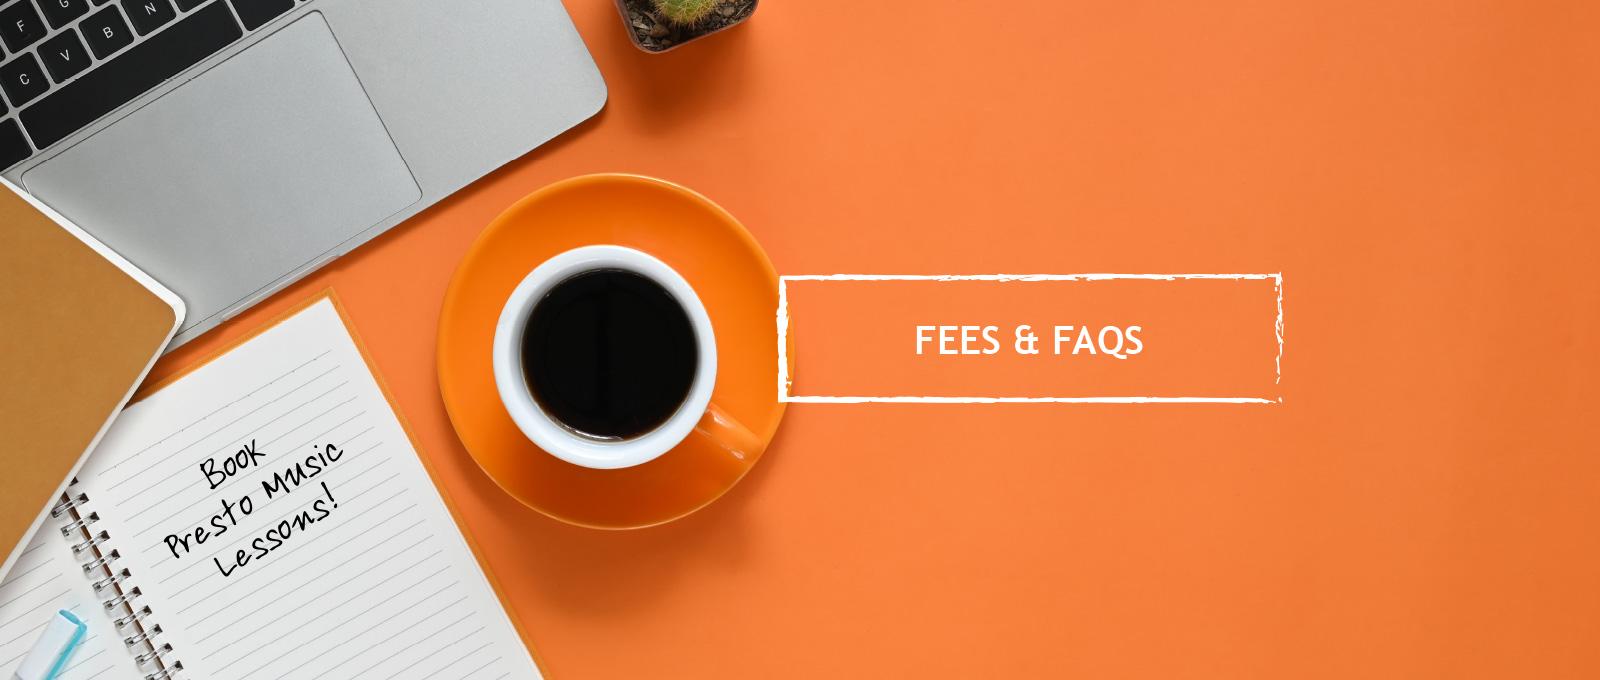 Fees & FAQs